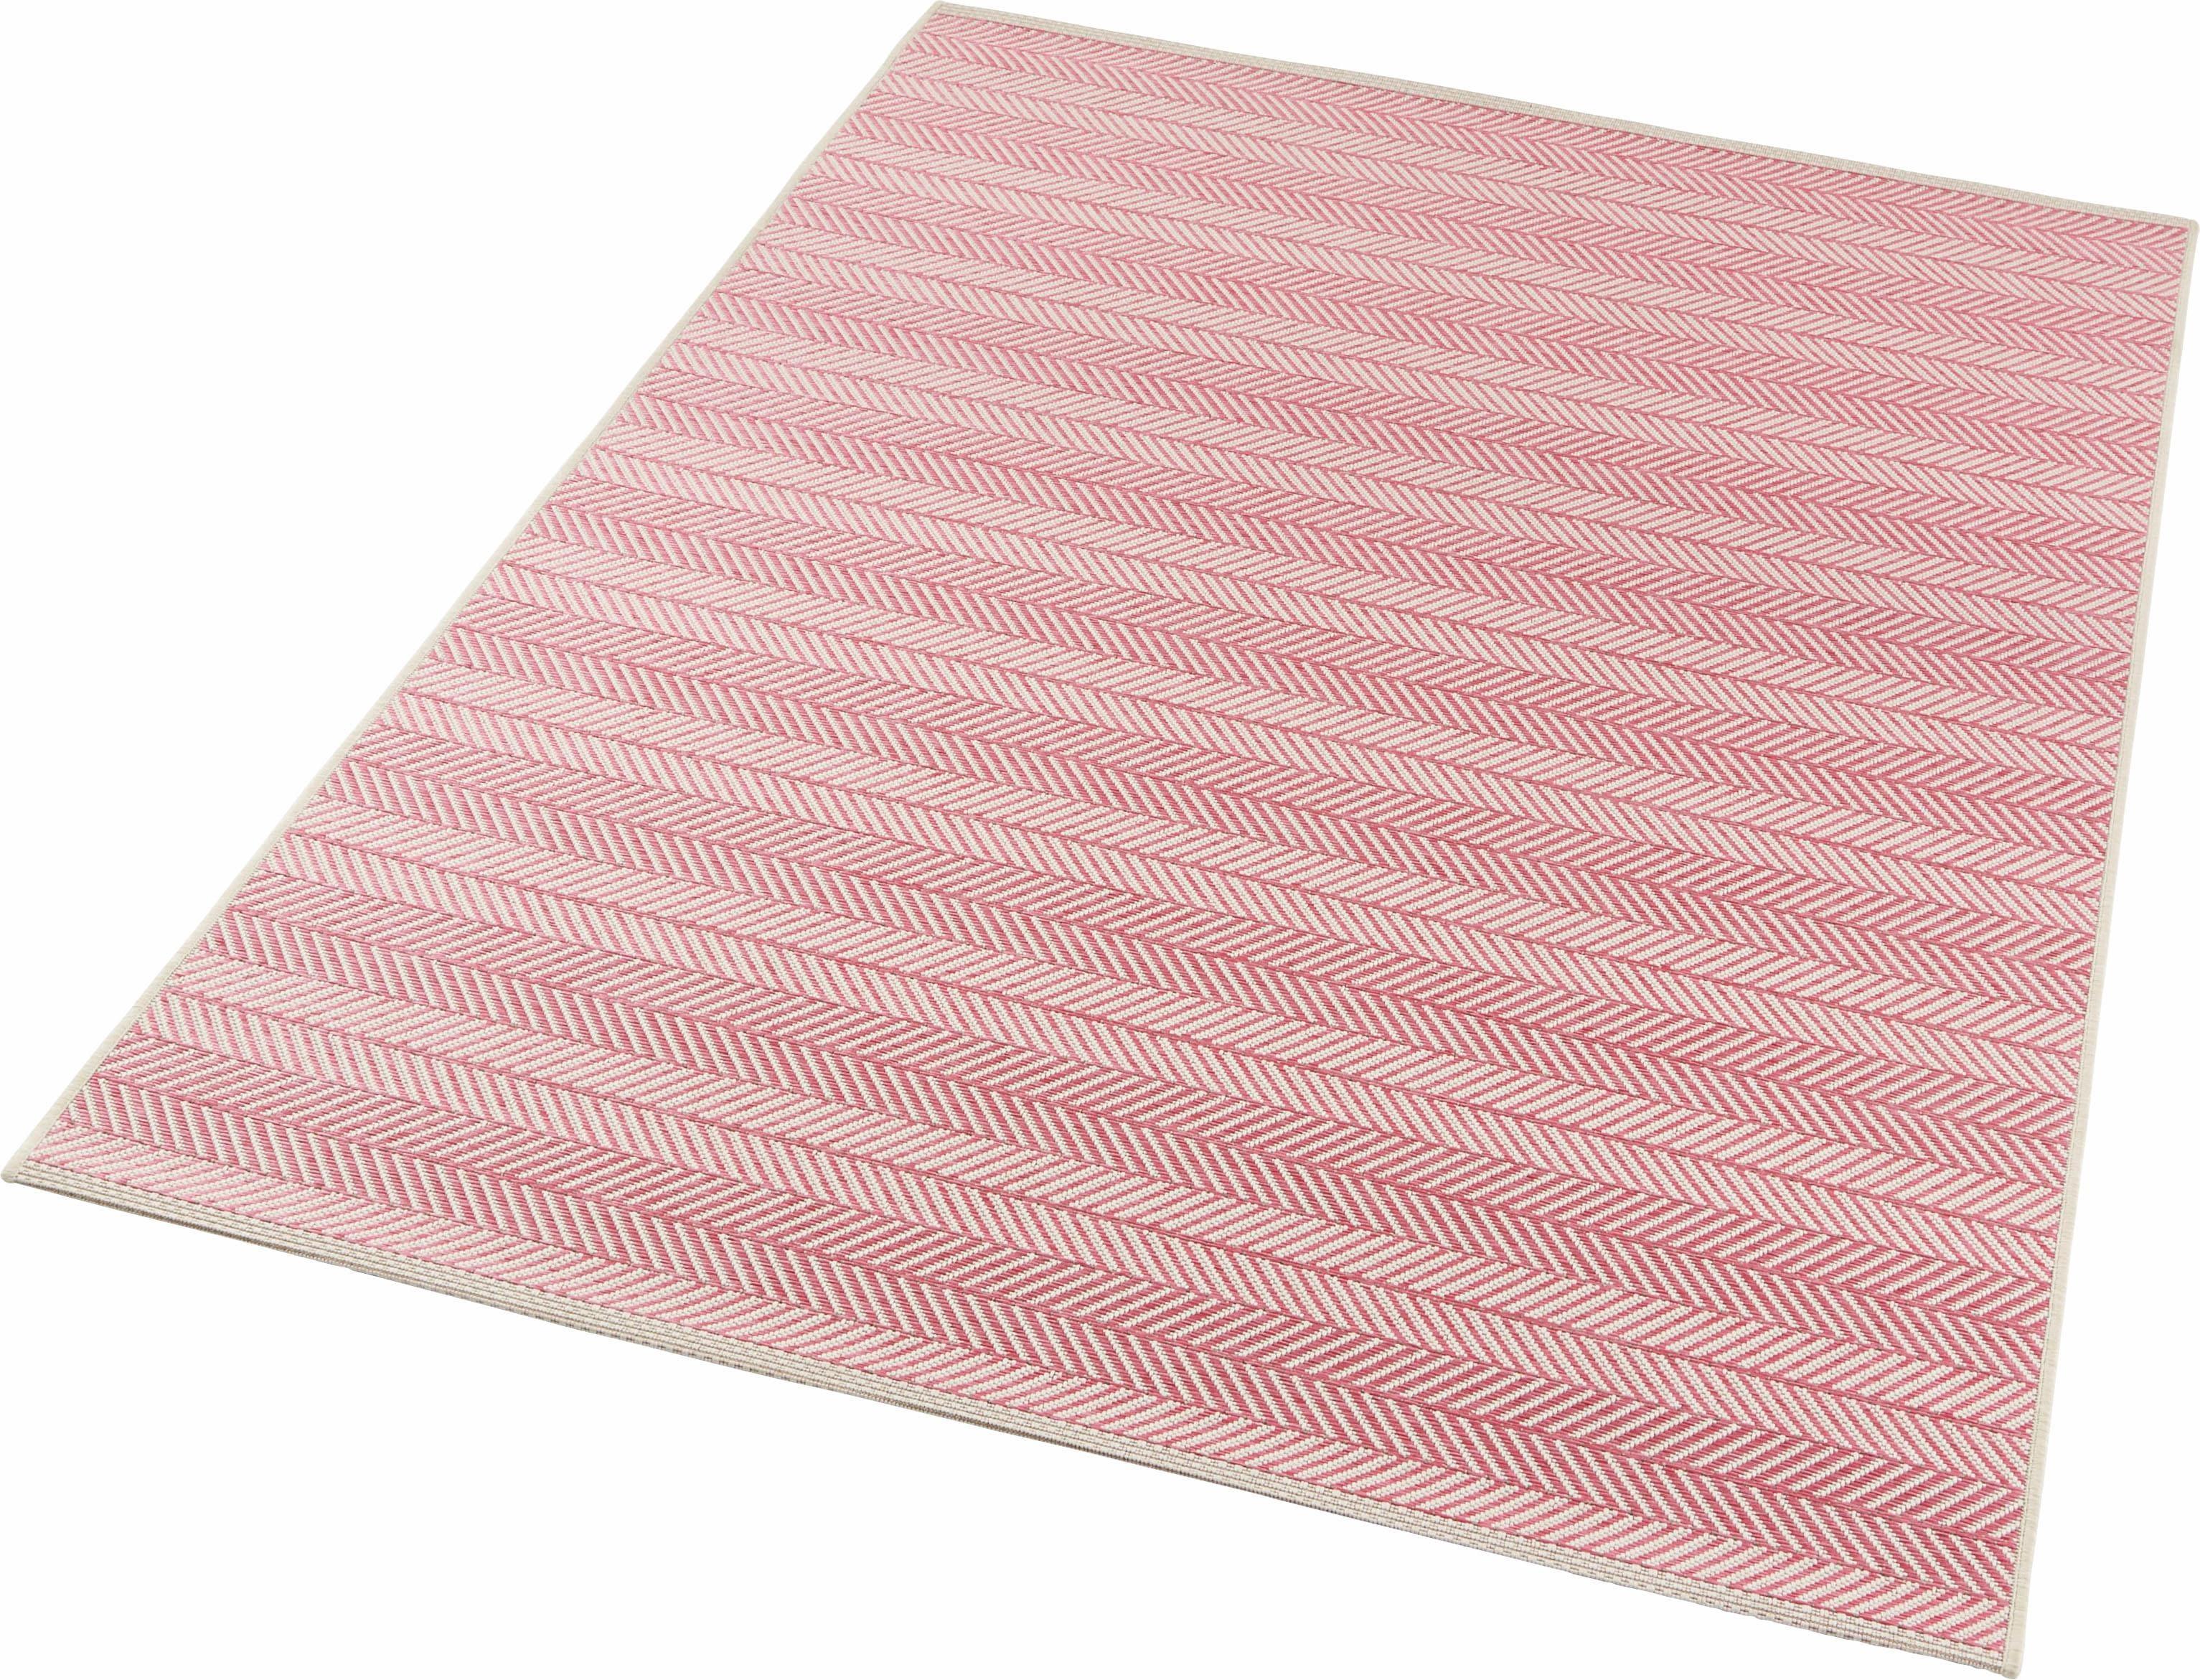 Teppich Caribbean bougari rechteckig Höhe 4 mm maschinell gewebt